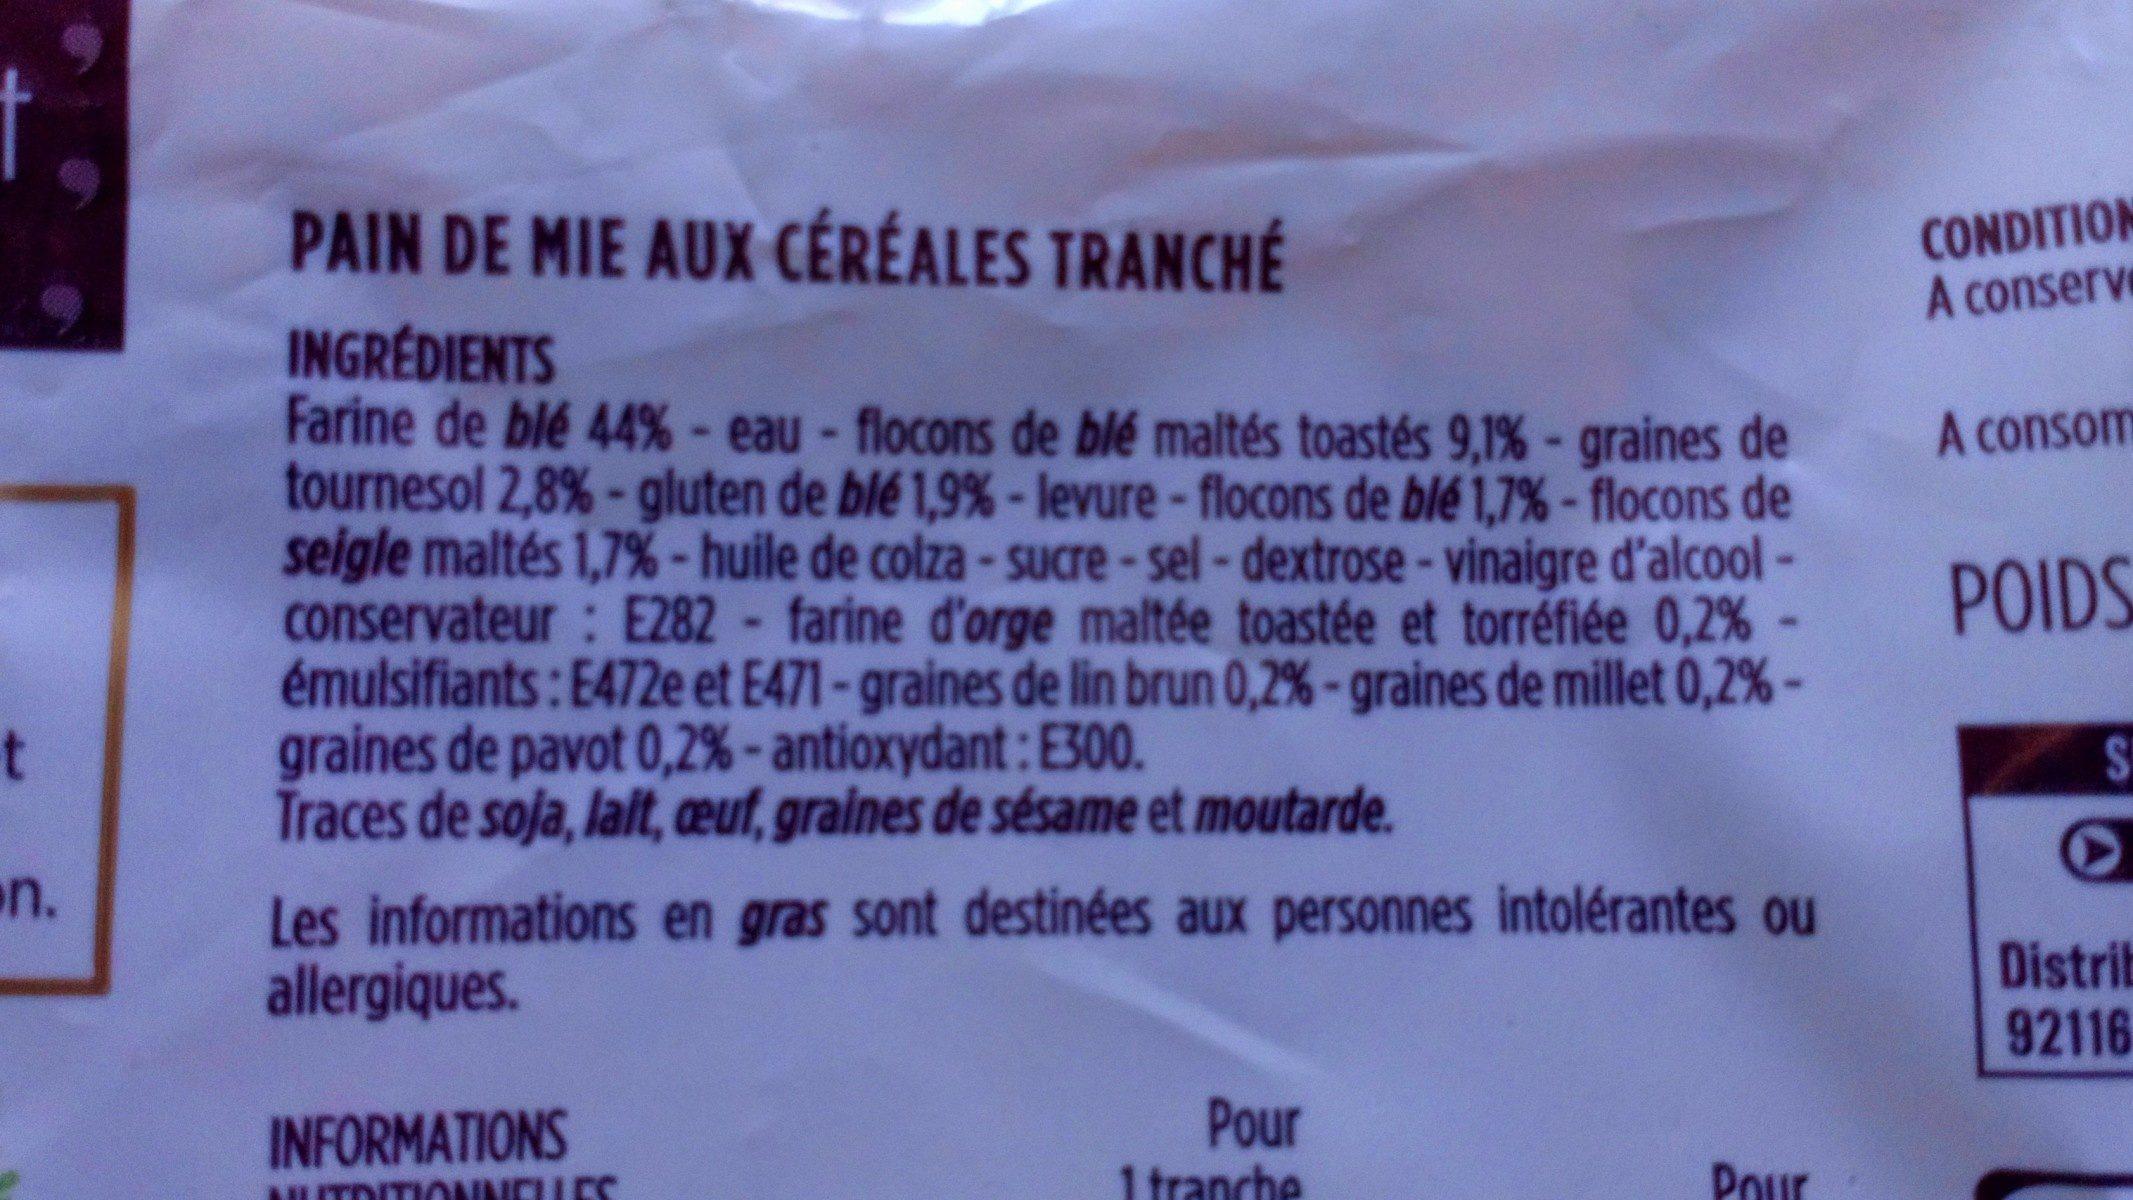 Pain de mie moelleux aux céréales - Ingrediënten - fr